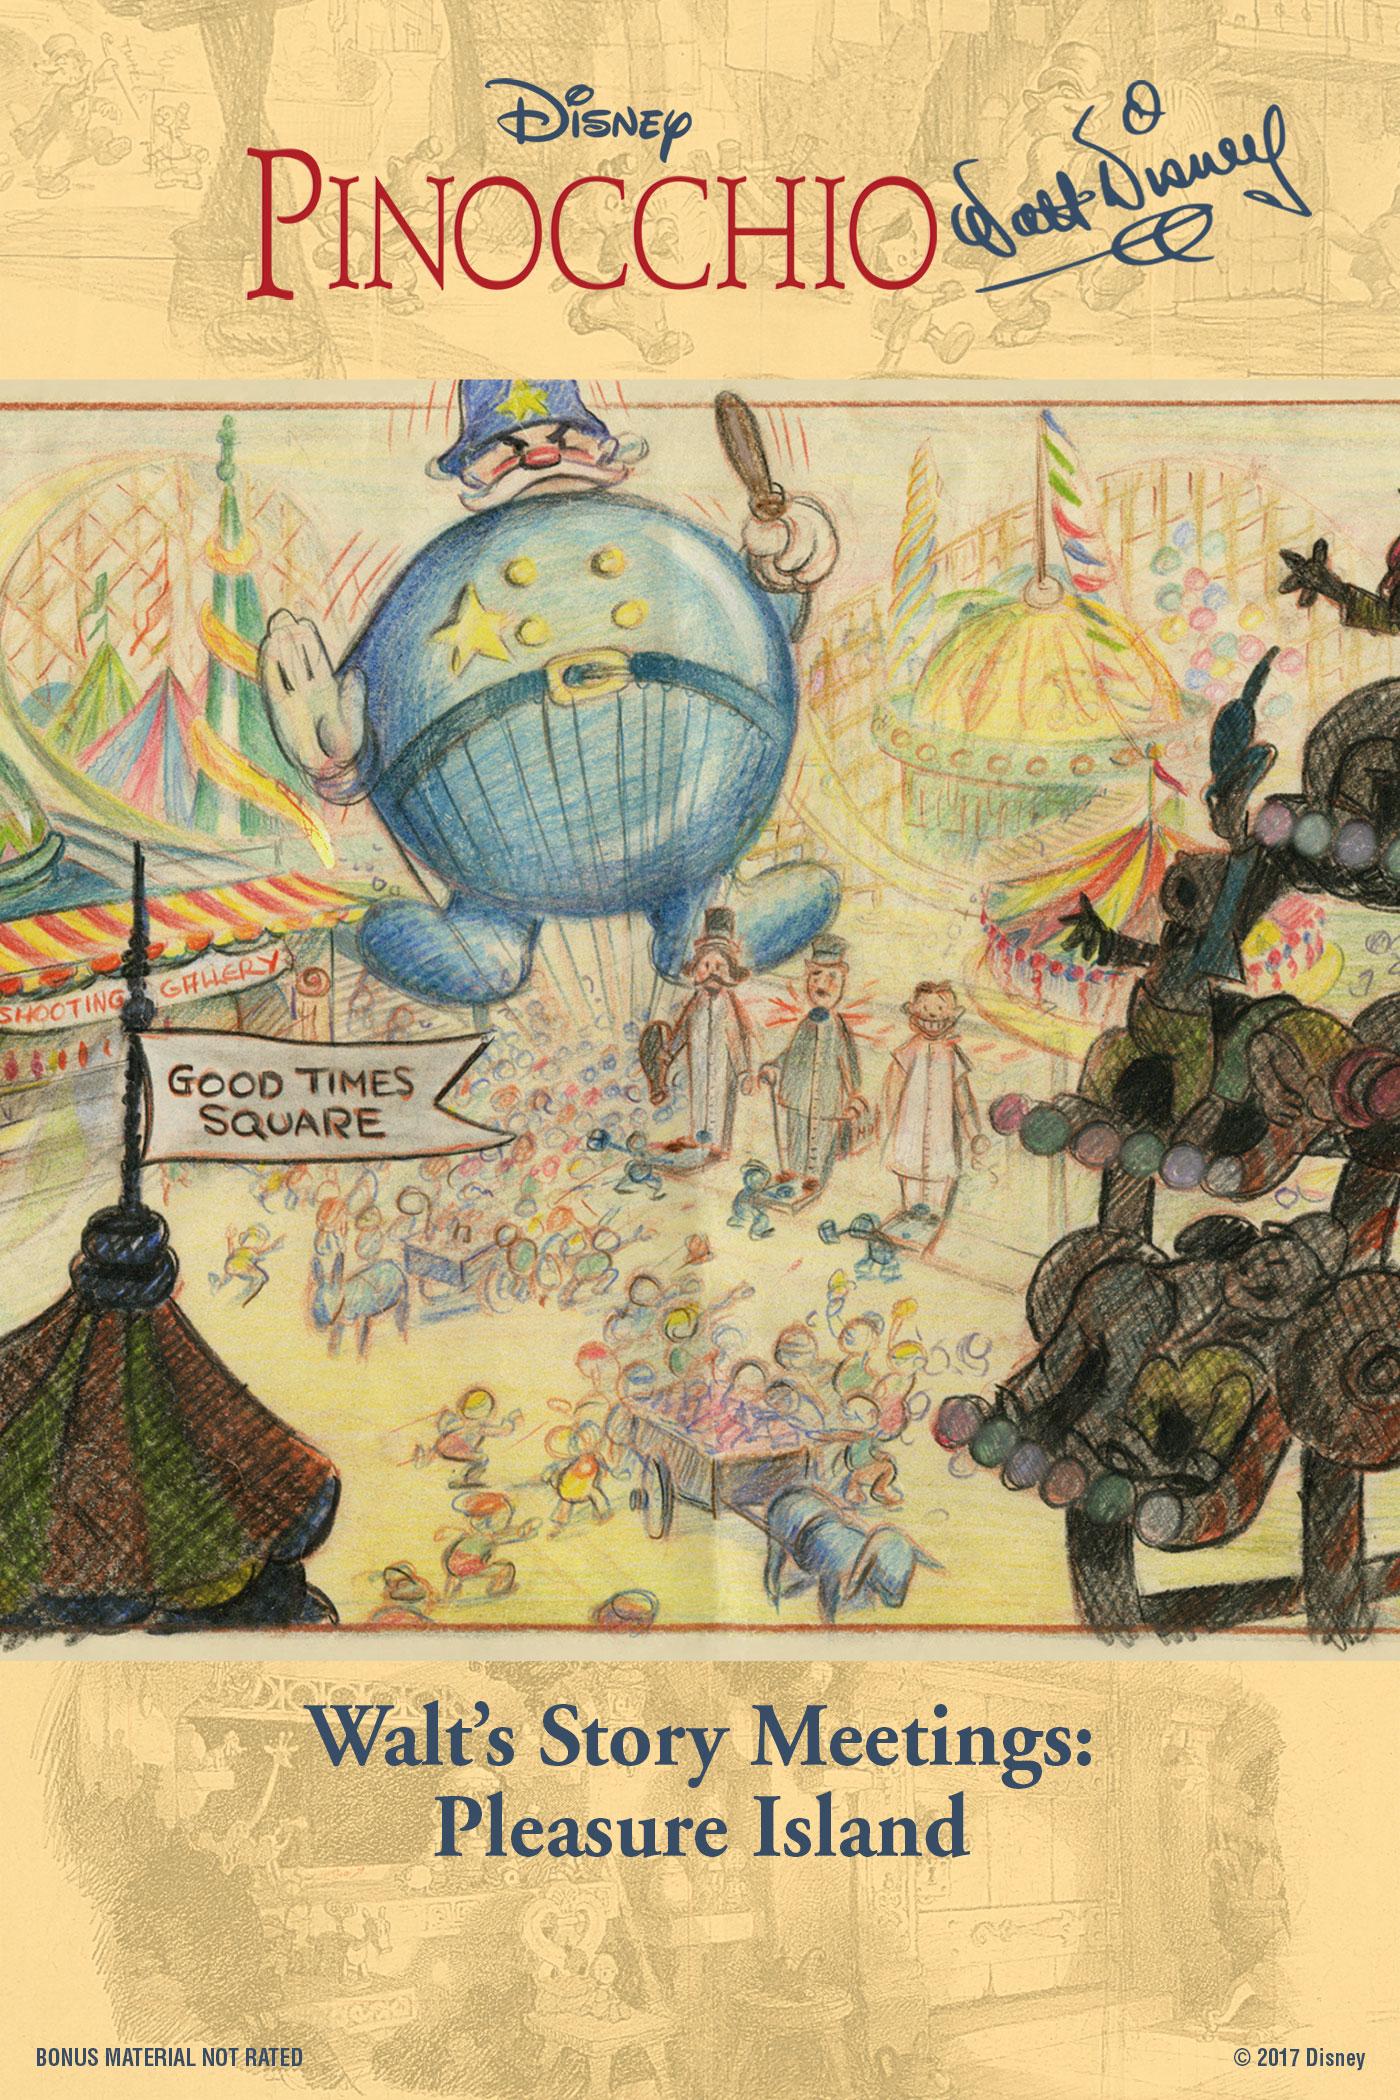 Walt's Story Meetings: Pleasure Island